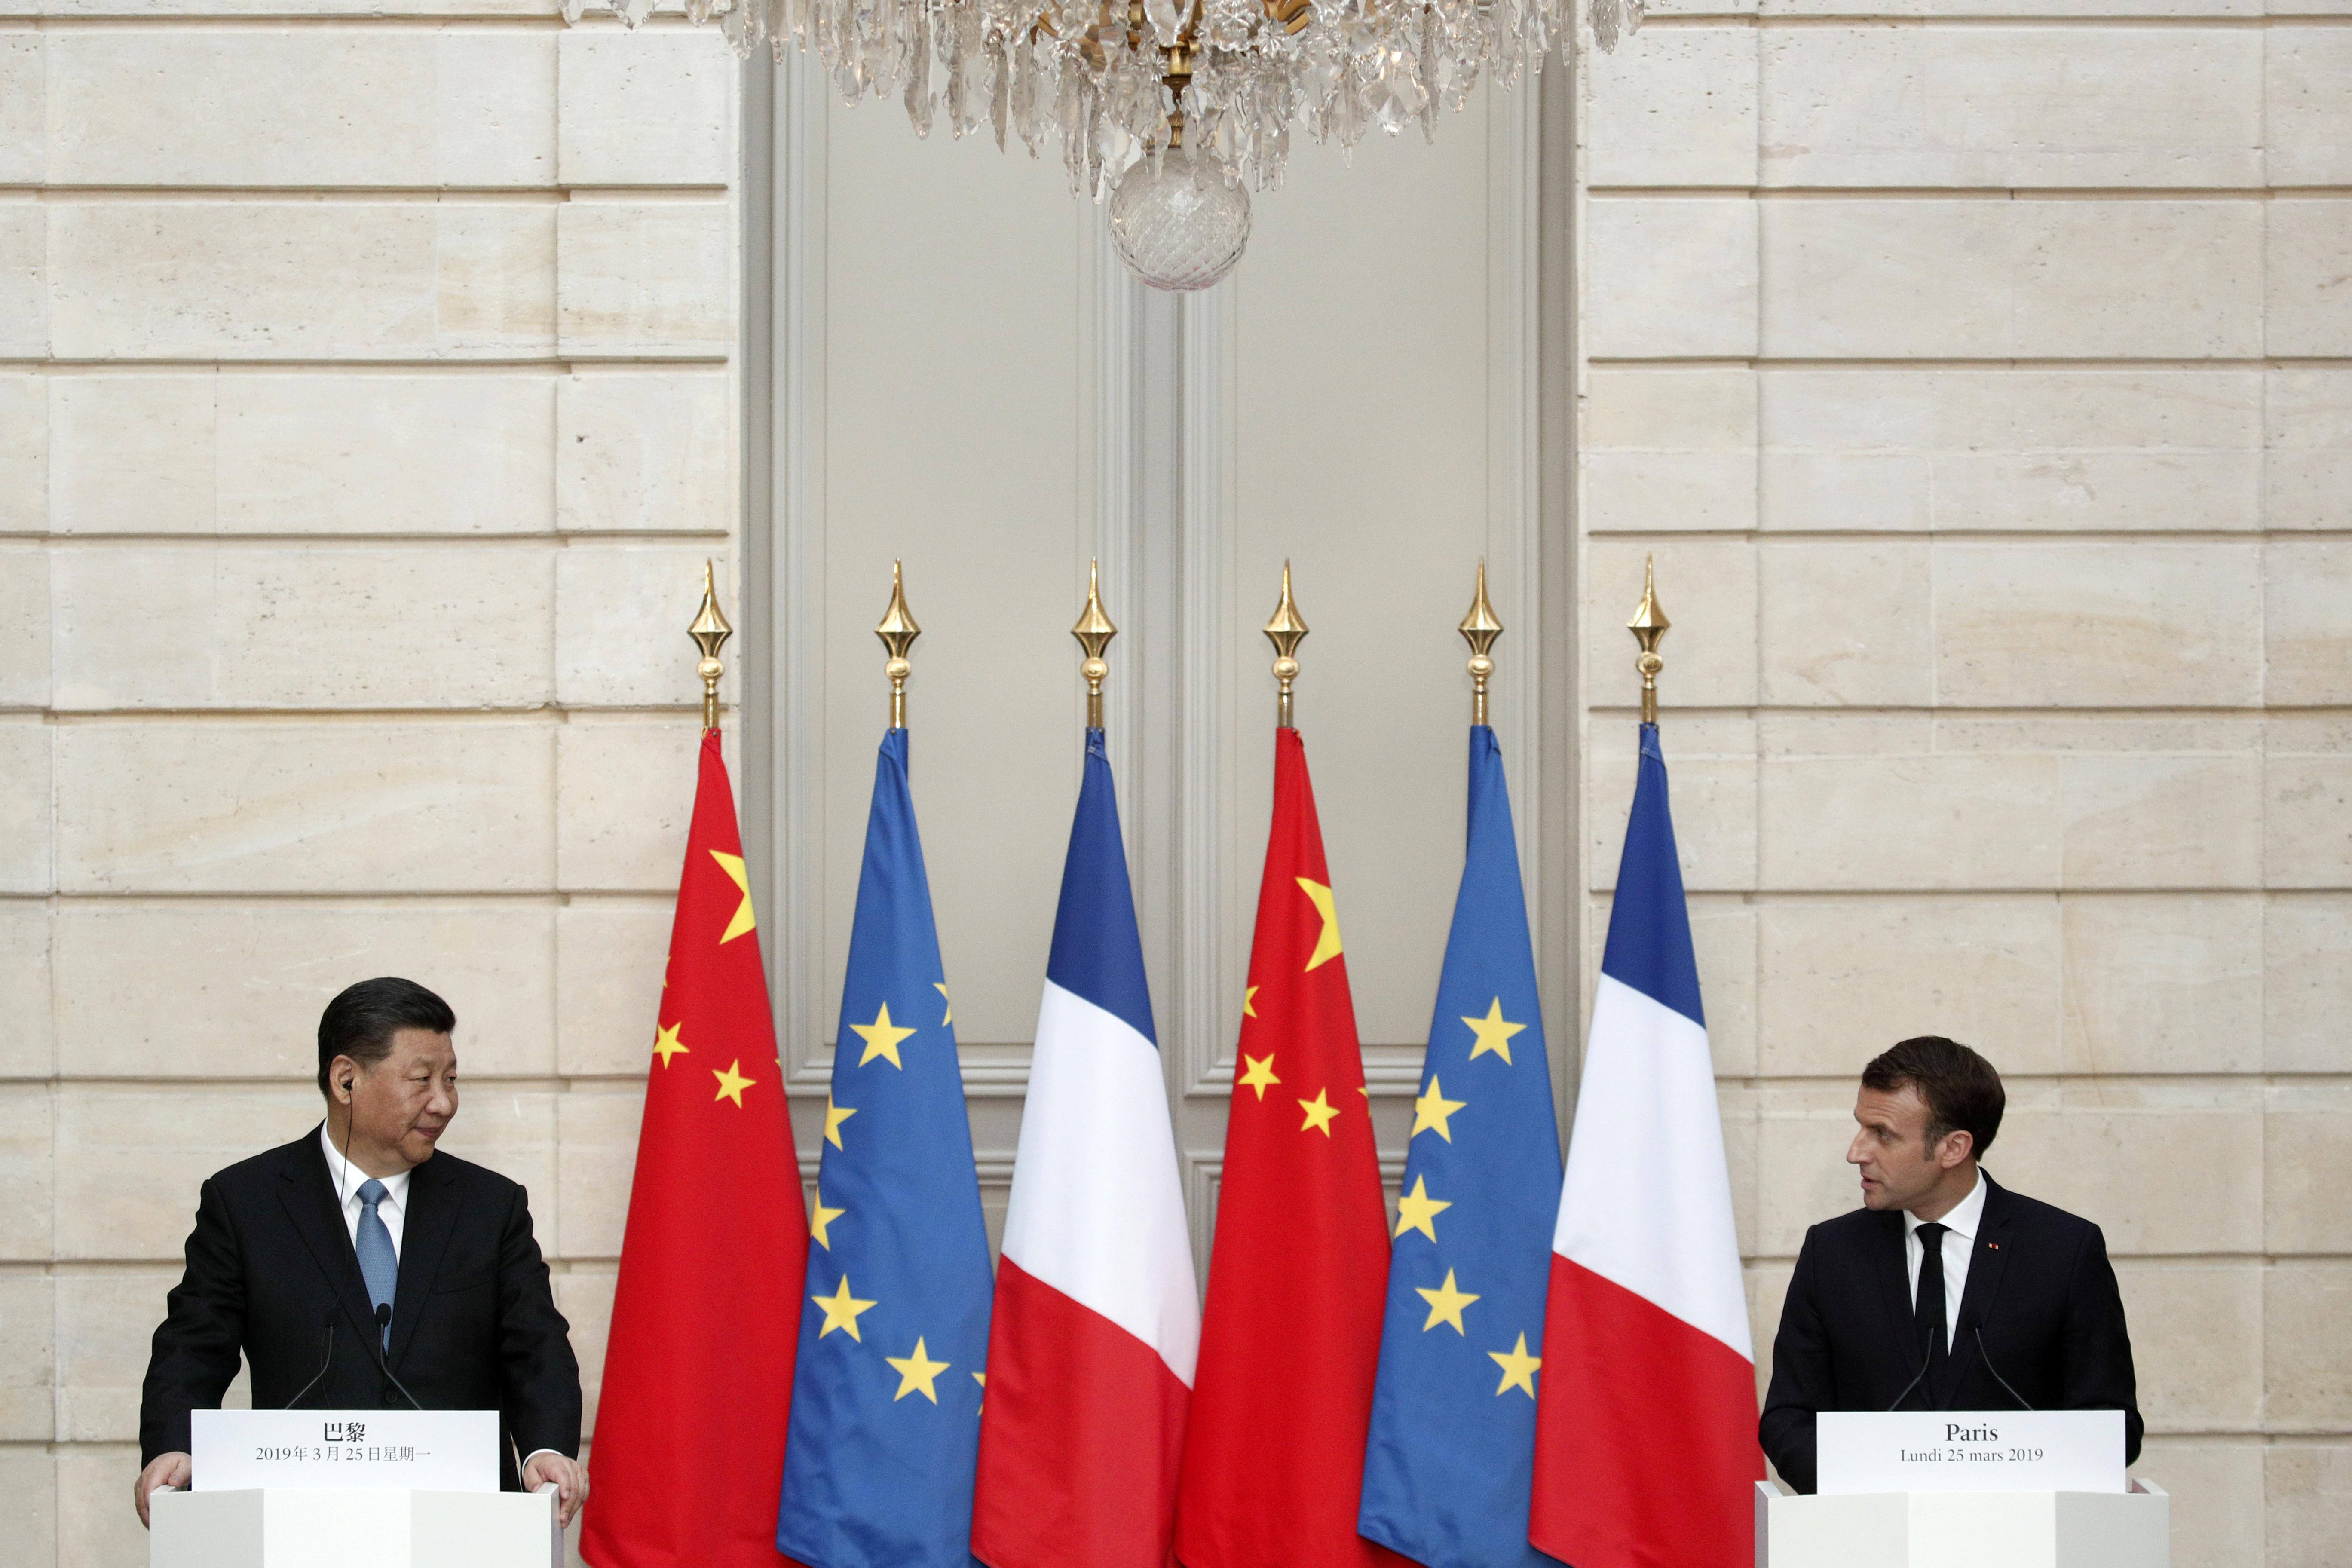 Accompagné d'une importante délégation de chefs d'entreprises du CAC 40 mais également de PME et d'ETI, le chef de l'Etat français rencontrera dès son arrivée des représentants d'entreprises françaises avant de participer, mardi, à la foire aux importations de Shanghaï dont la France est l'invitée d'honneur.